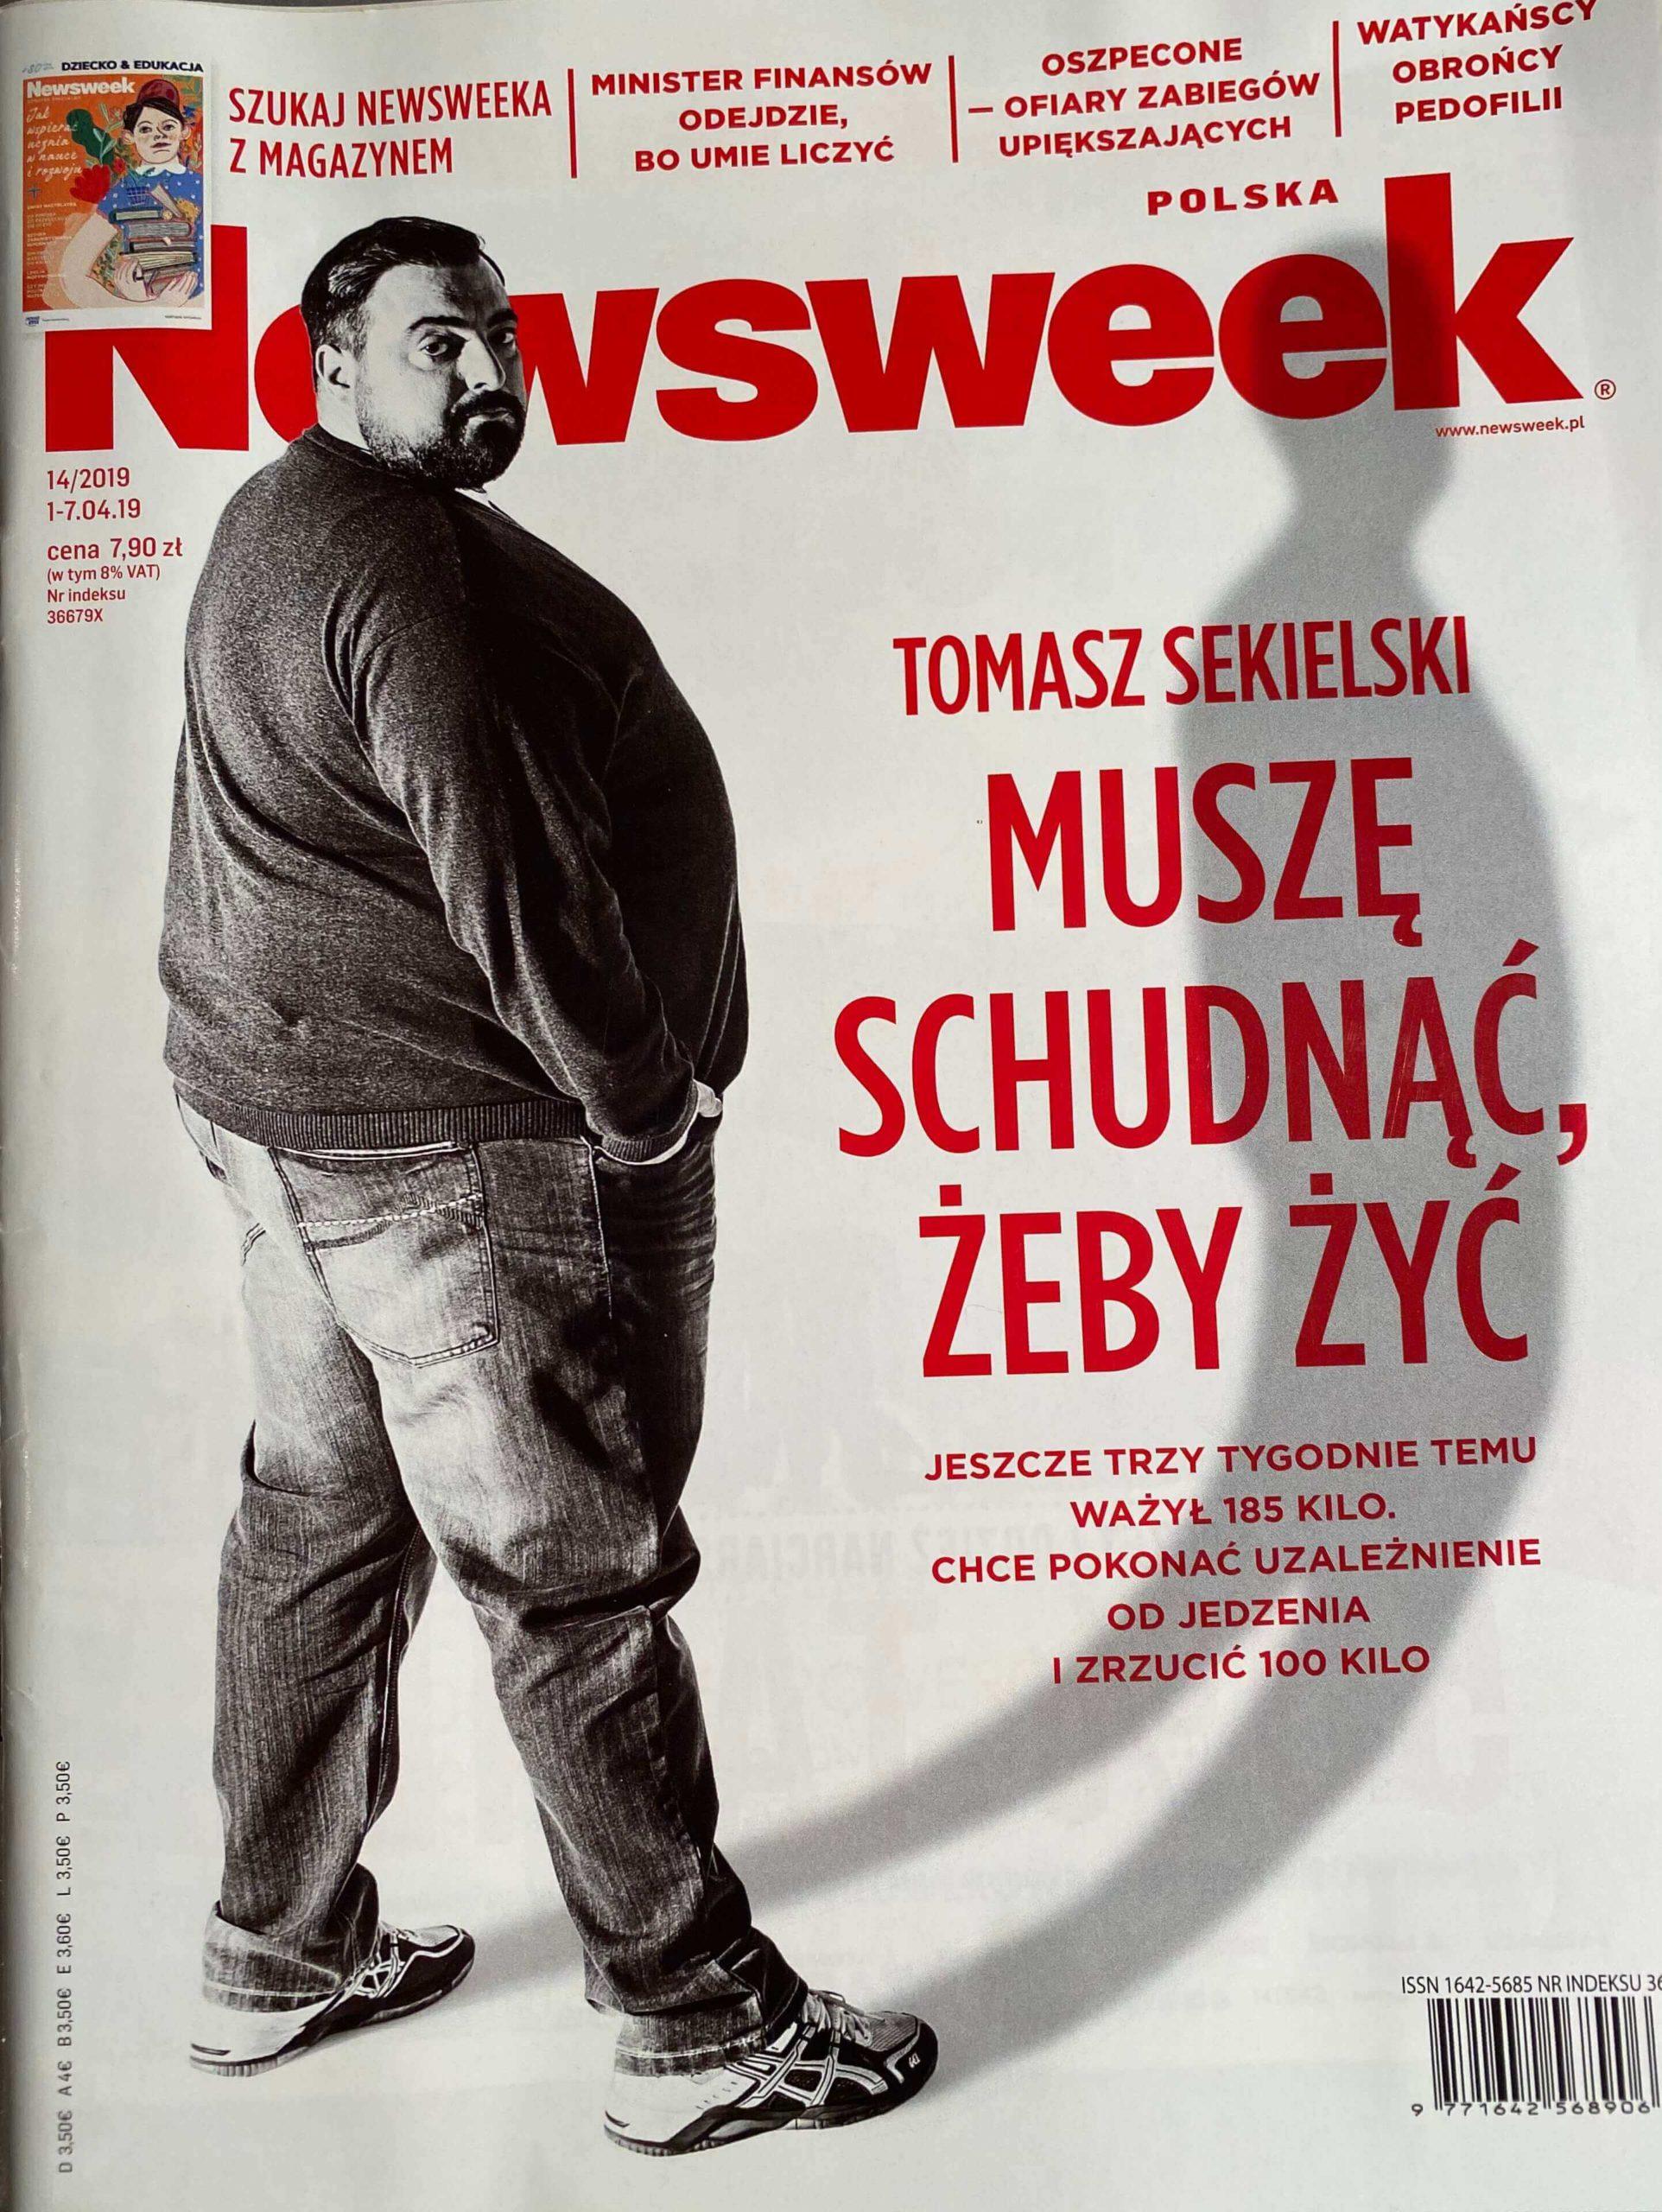 czekaj mrugaj newsweek-2-2-2-2